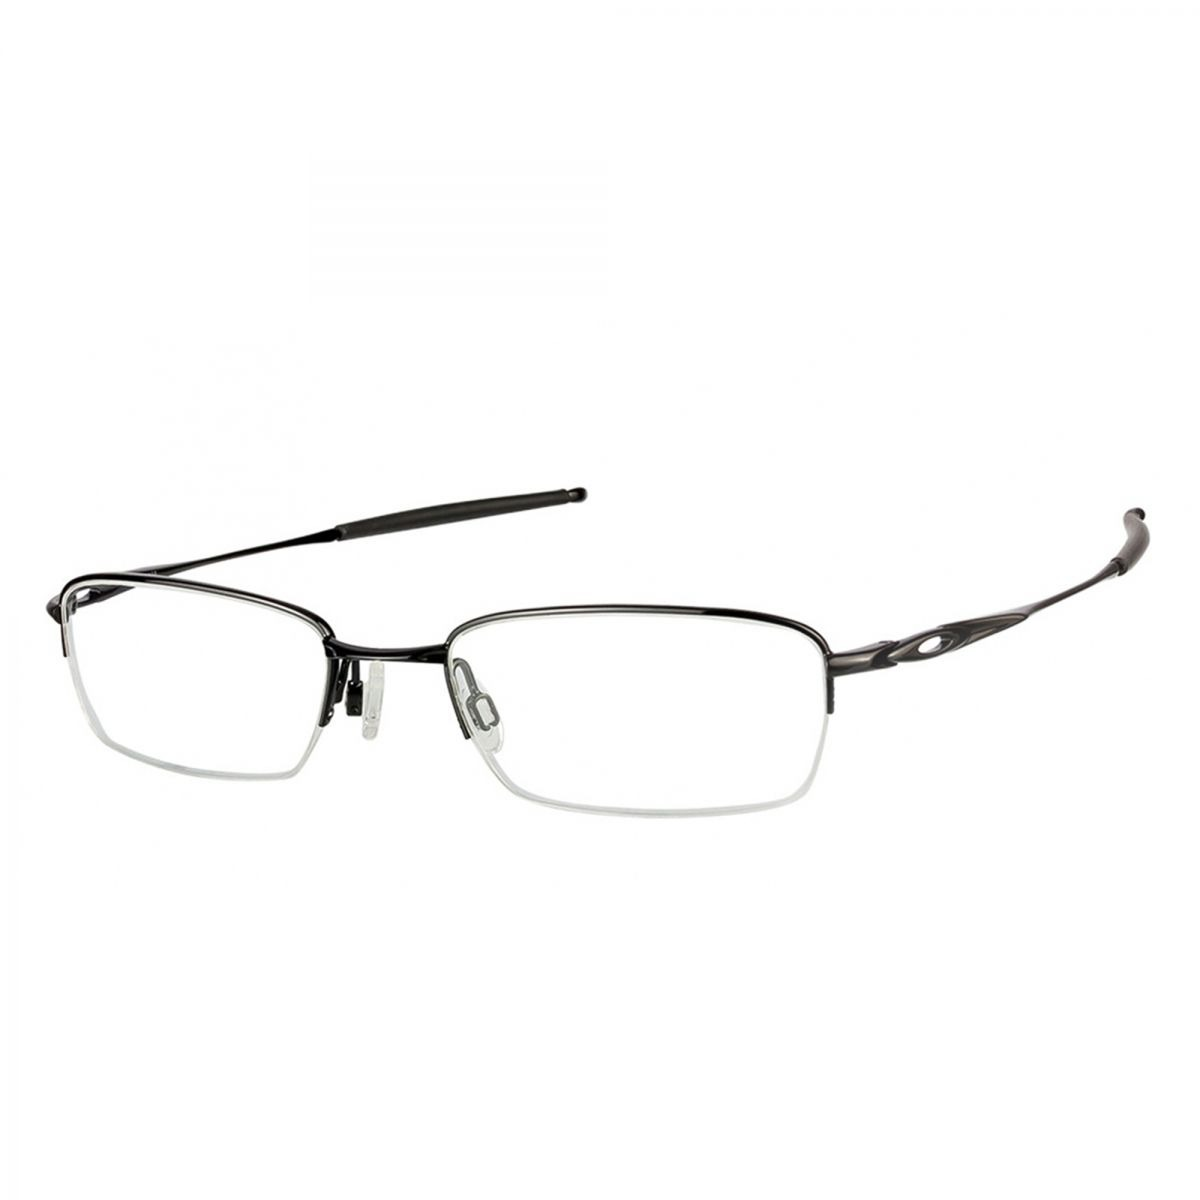 35f47211dee5b Óculos De Grau Oakley Ox3133-02 53x19 140 - R  283,10 em Mercado Livre